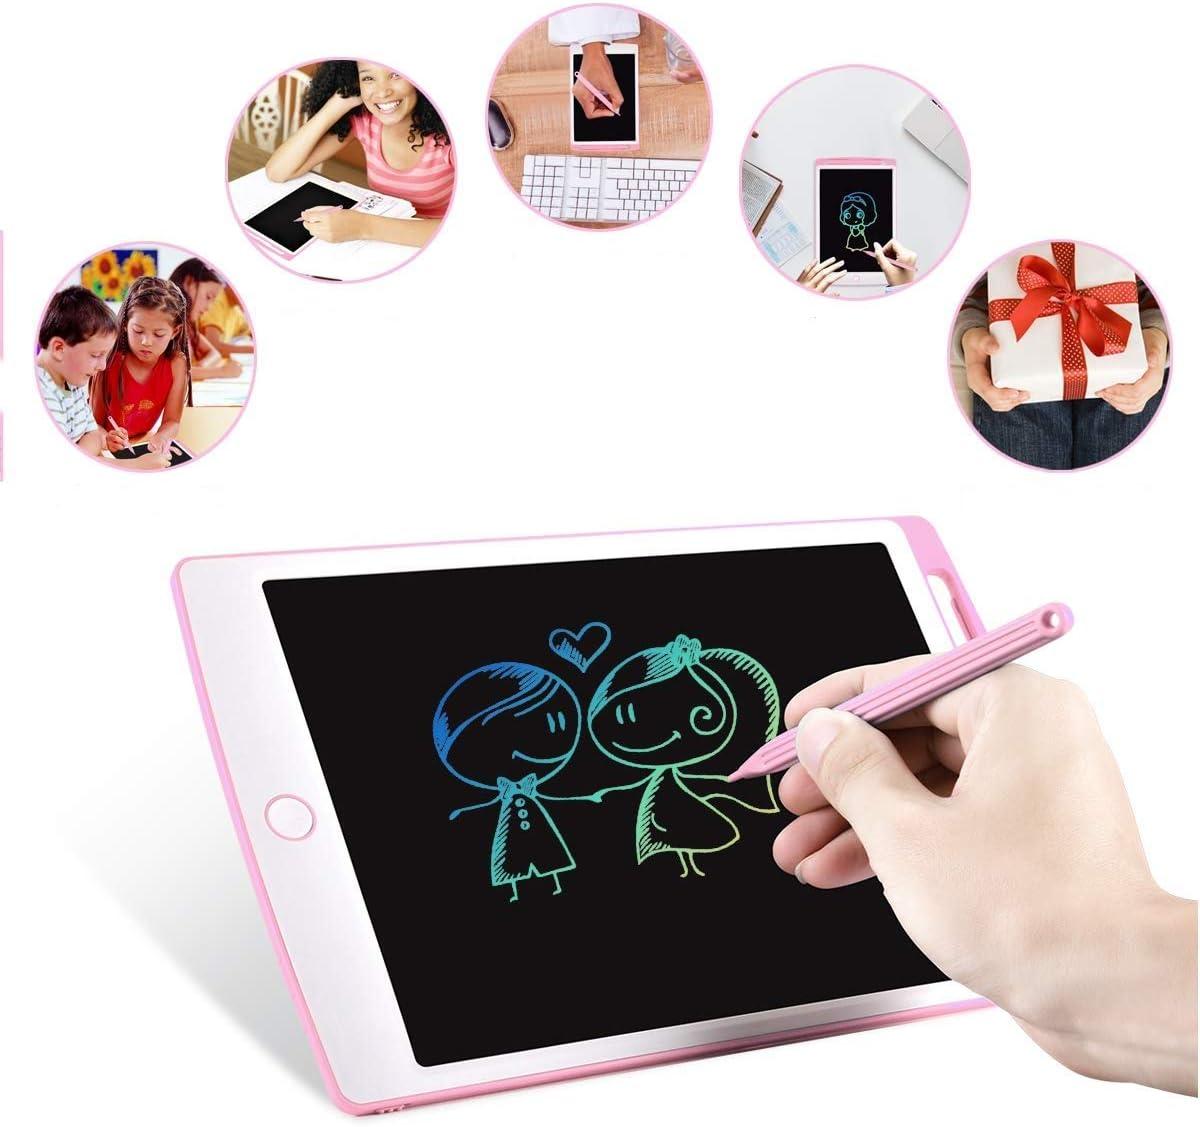 NOBES LCD farbig Schreibtablet Geeignet f/ür Zuhause Grafiktablet tragbar zum Schreiben und Zeichnen ohne Papier Schule und B/üro elektronische Memo rot rot Color/é 9.7 pouces